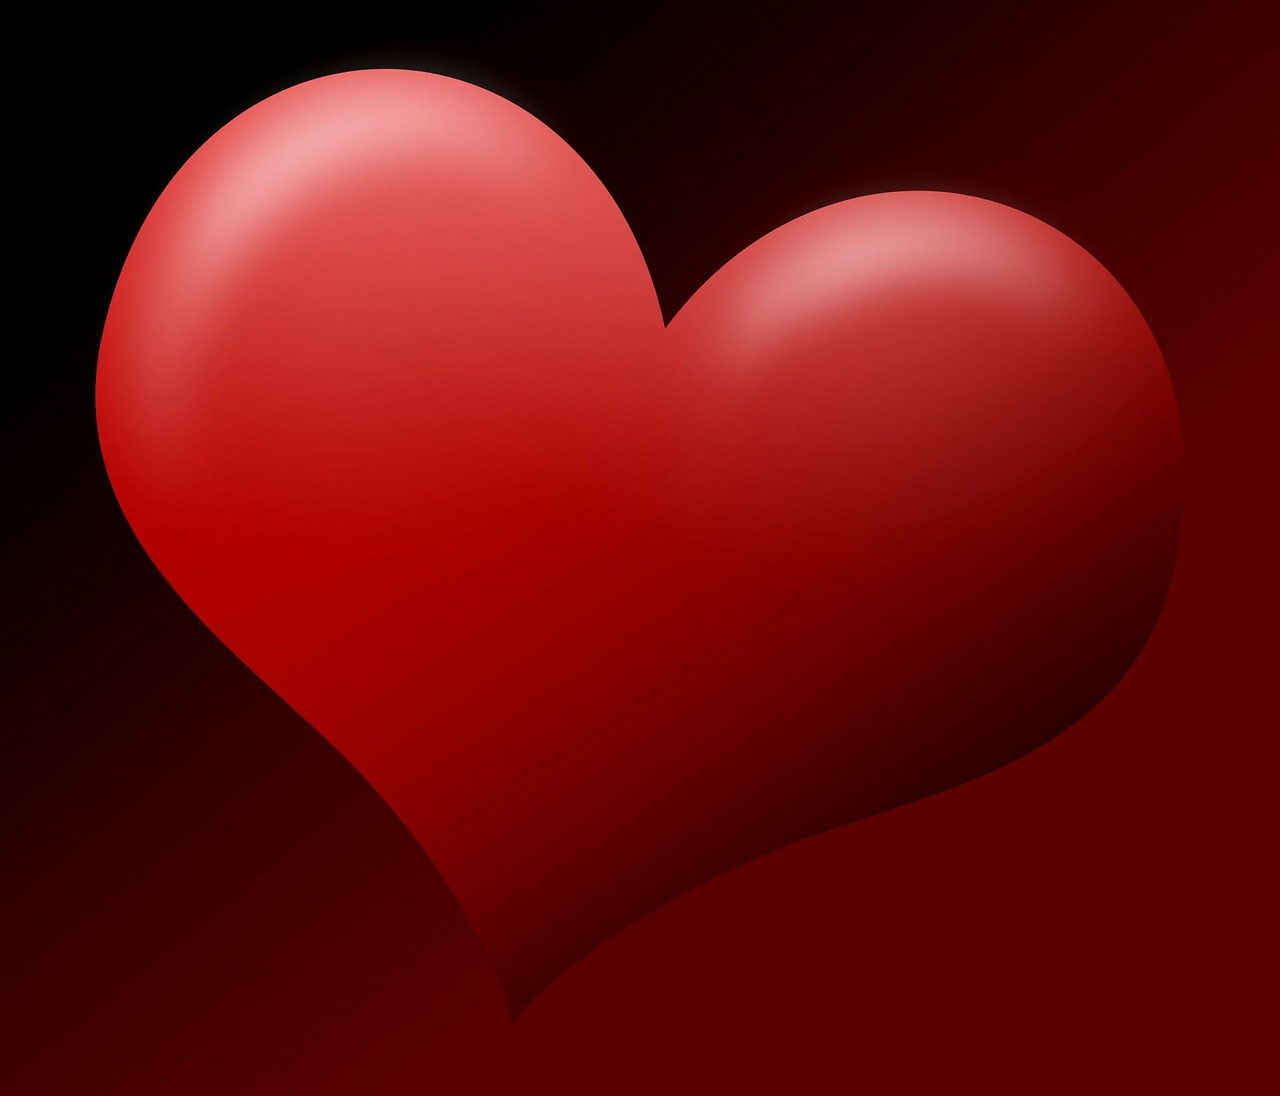 Сердце любви картинки